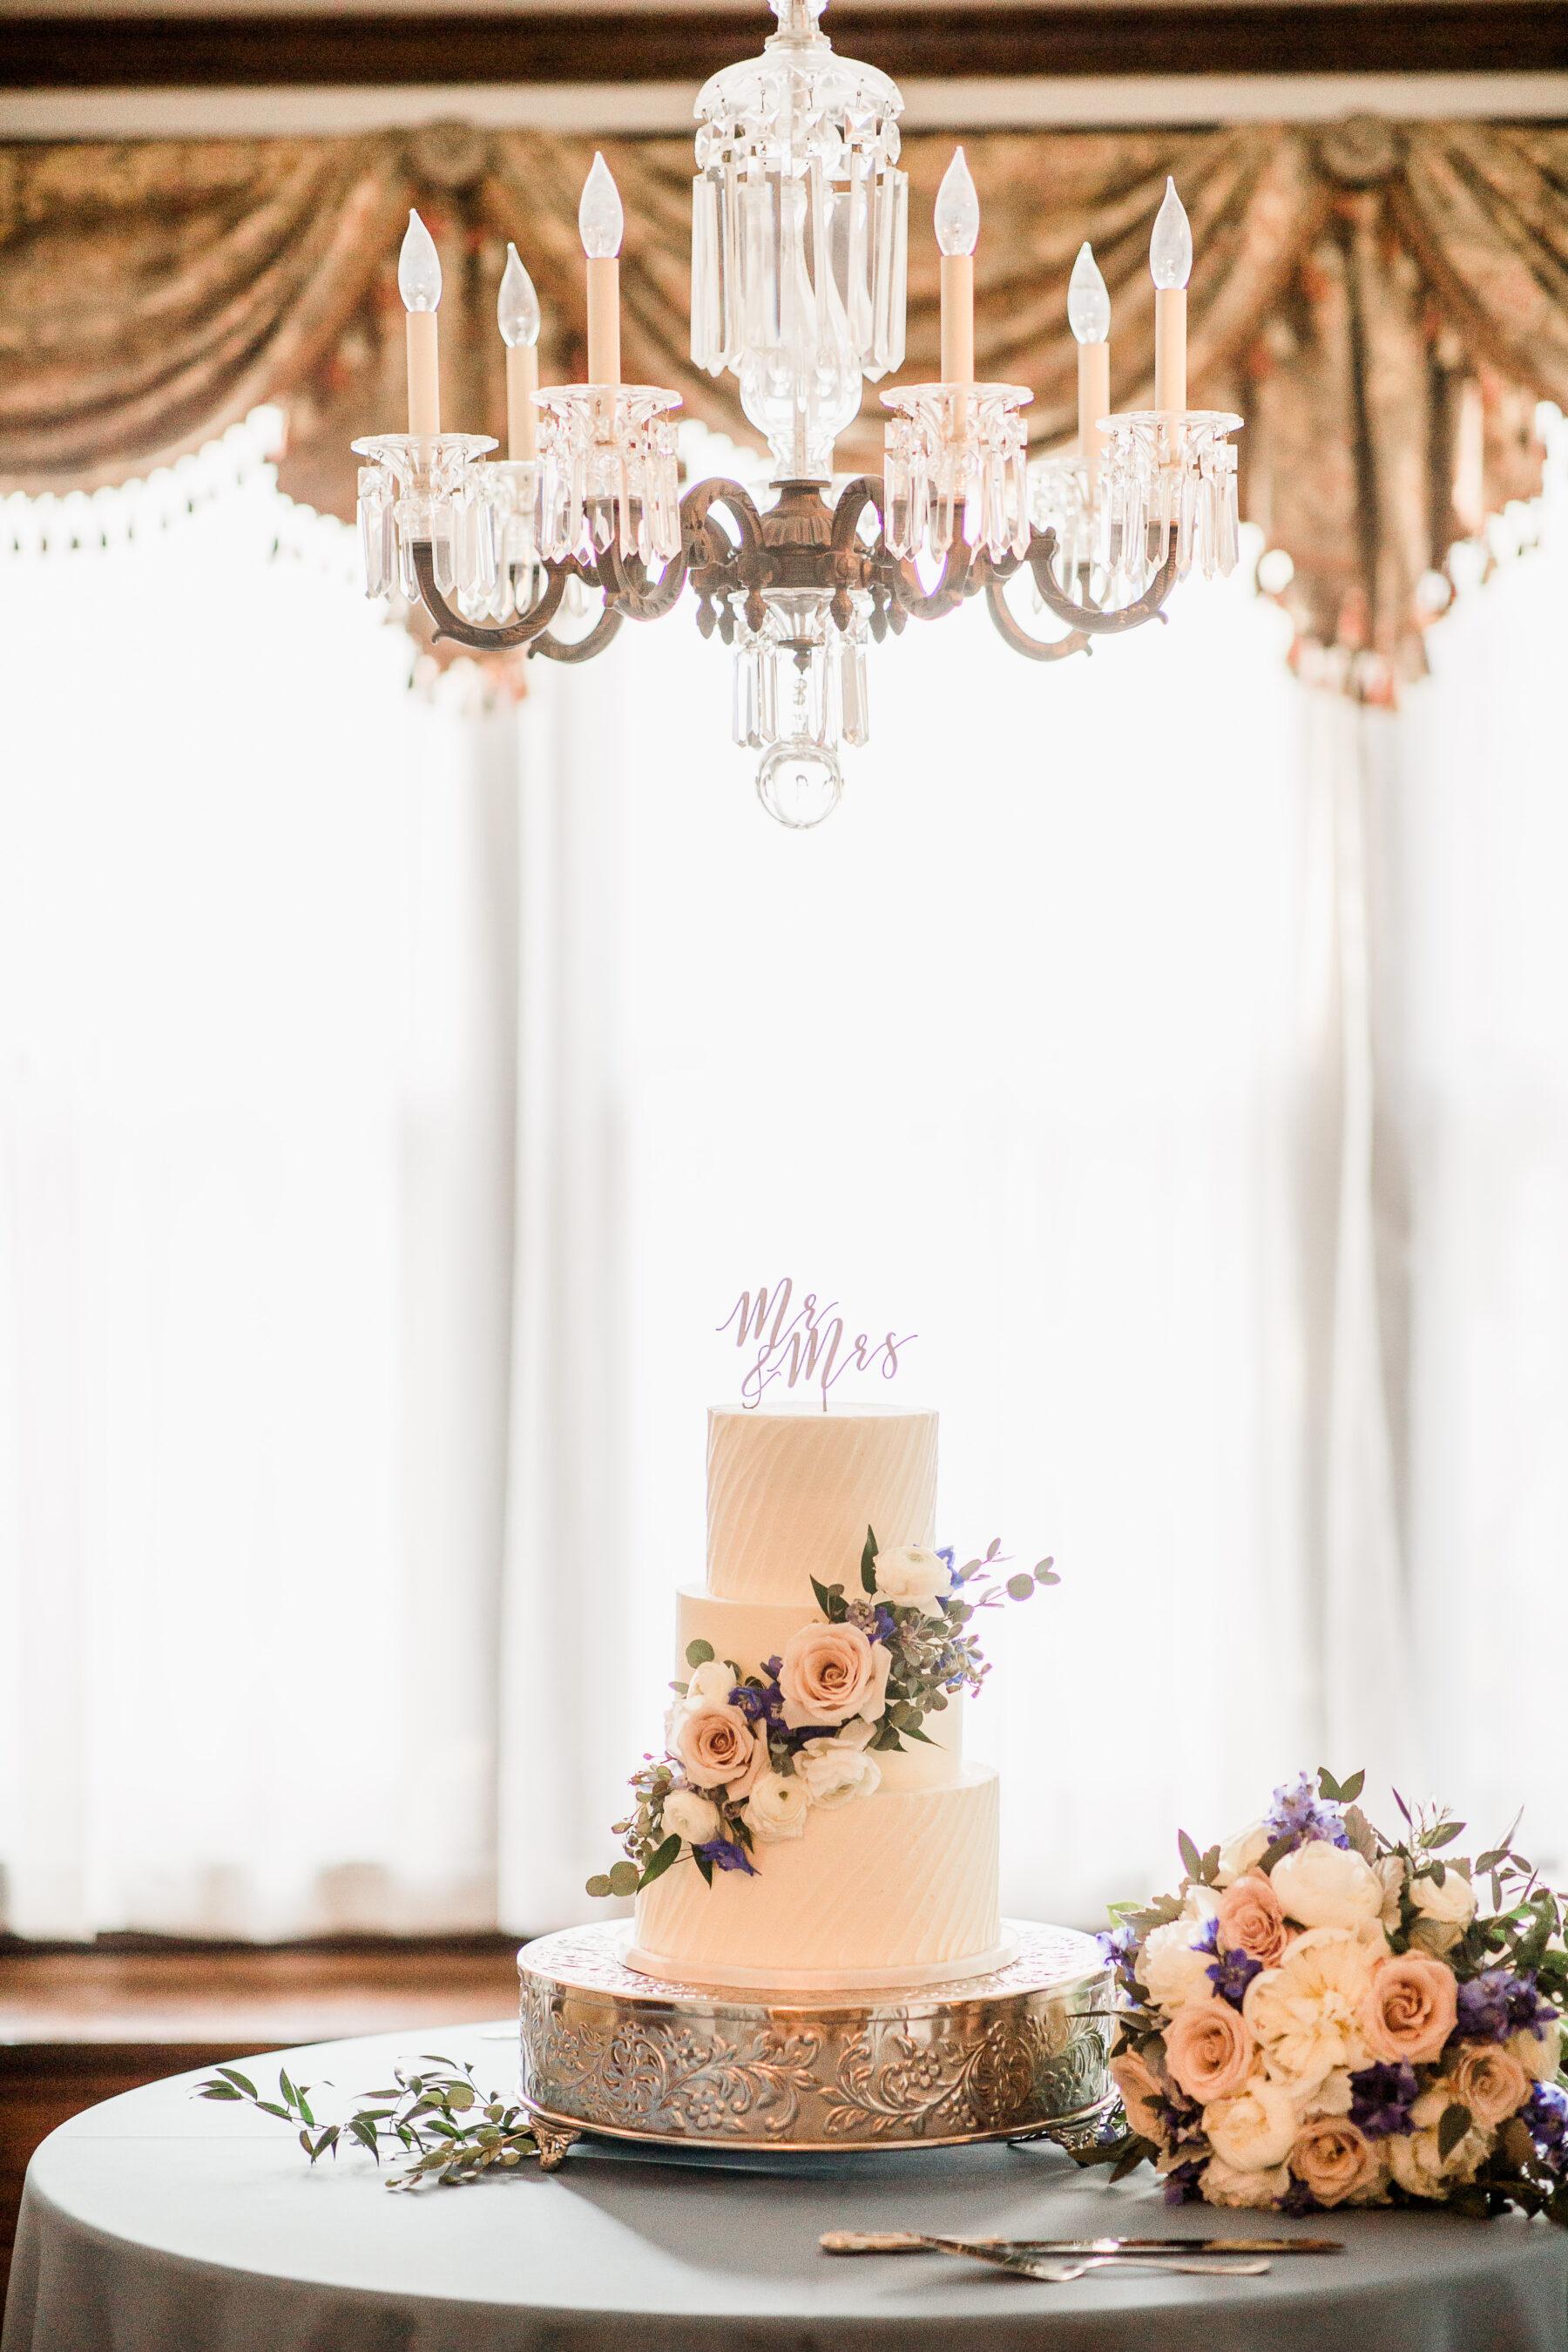 Baked in Nashville White Floral Wedding Cake | Nashville Bride Guide